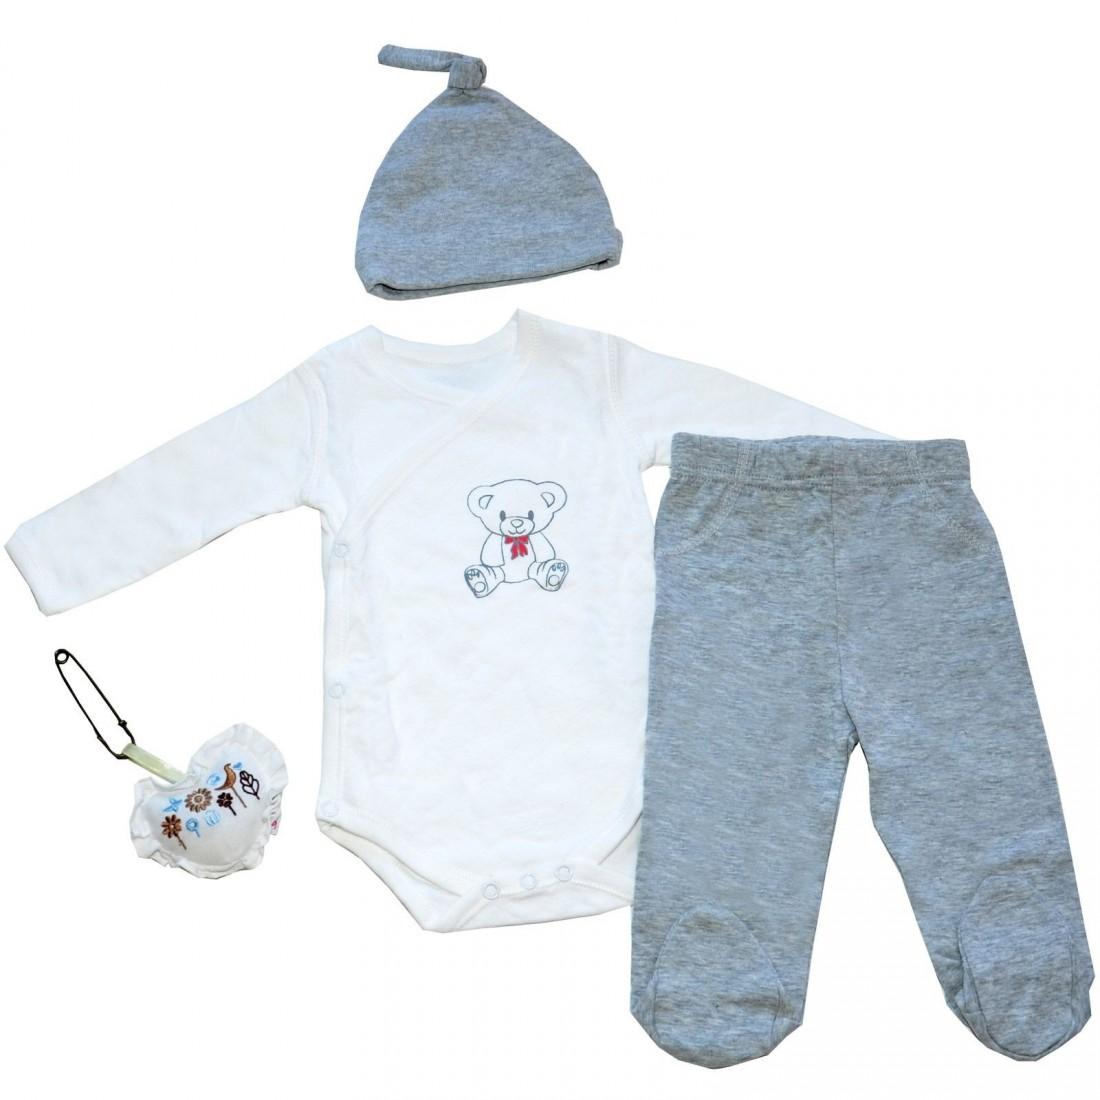 le cadeau de naissance ideal layette originale bebe fille. Black Bedroom Furniture Sets. Home Design Ideas